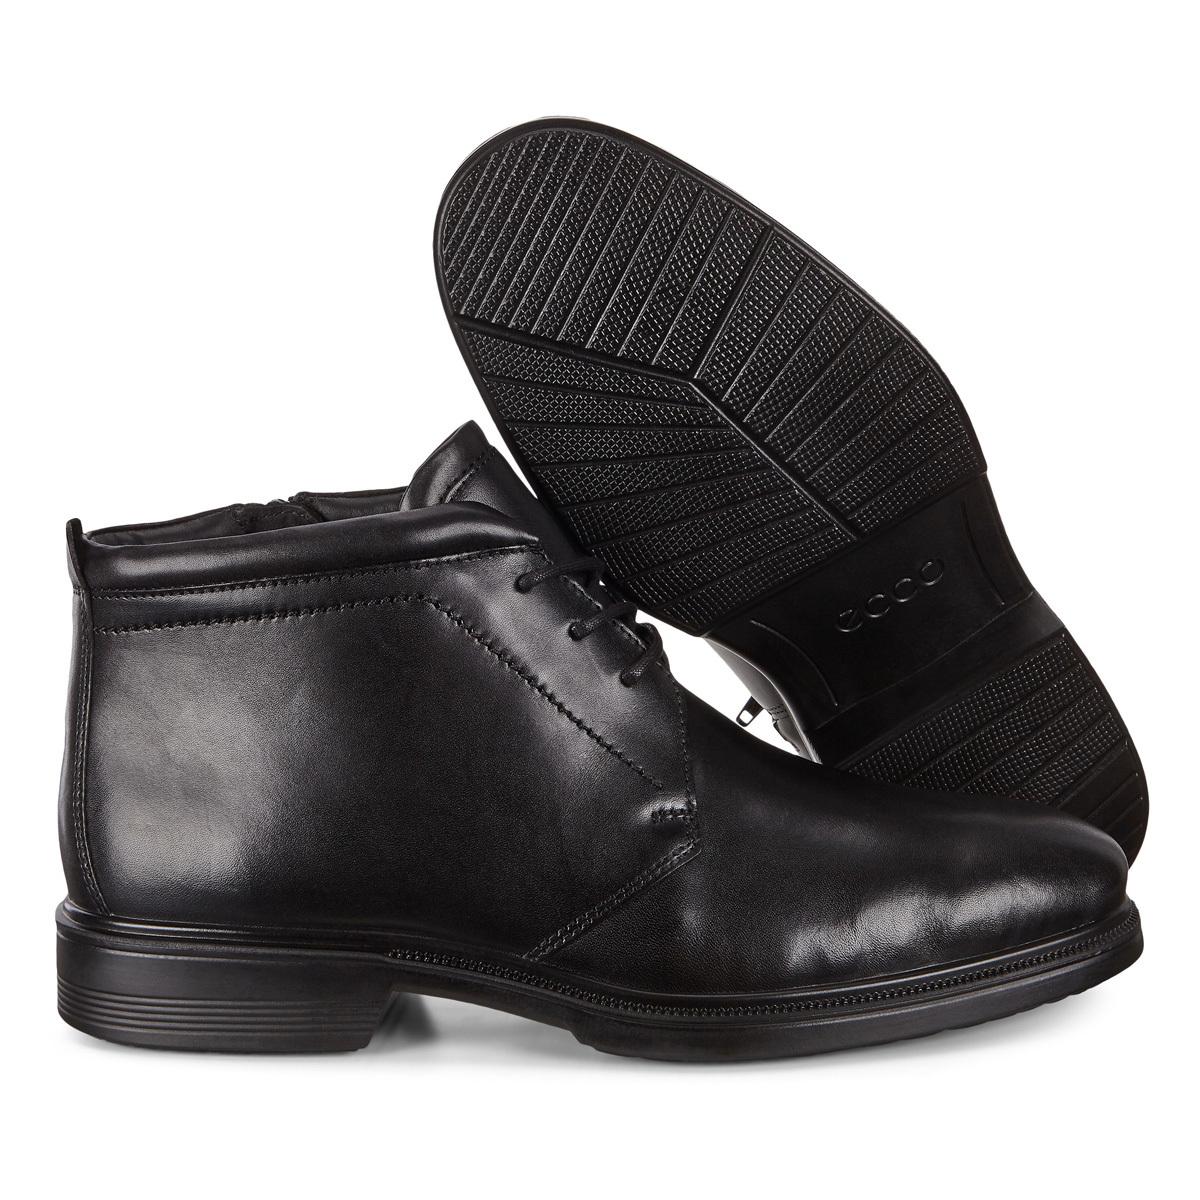 Зимние ботинки Ecco утеплённые со шнурками LISBON_622214/01001